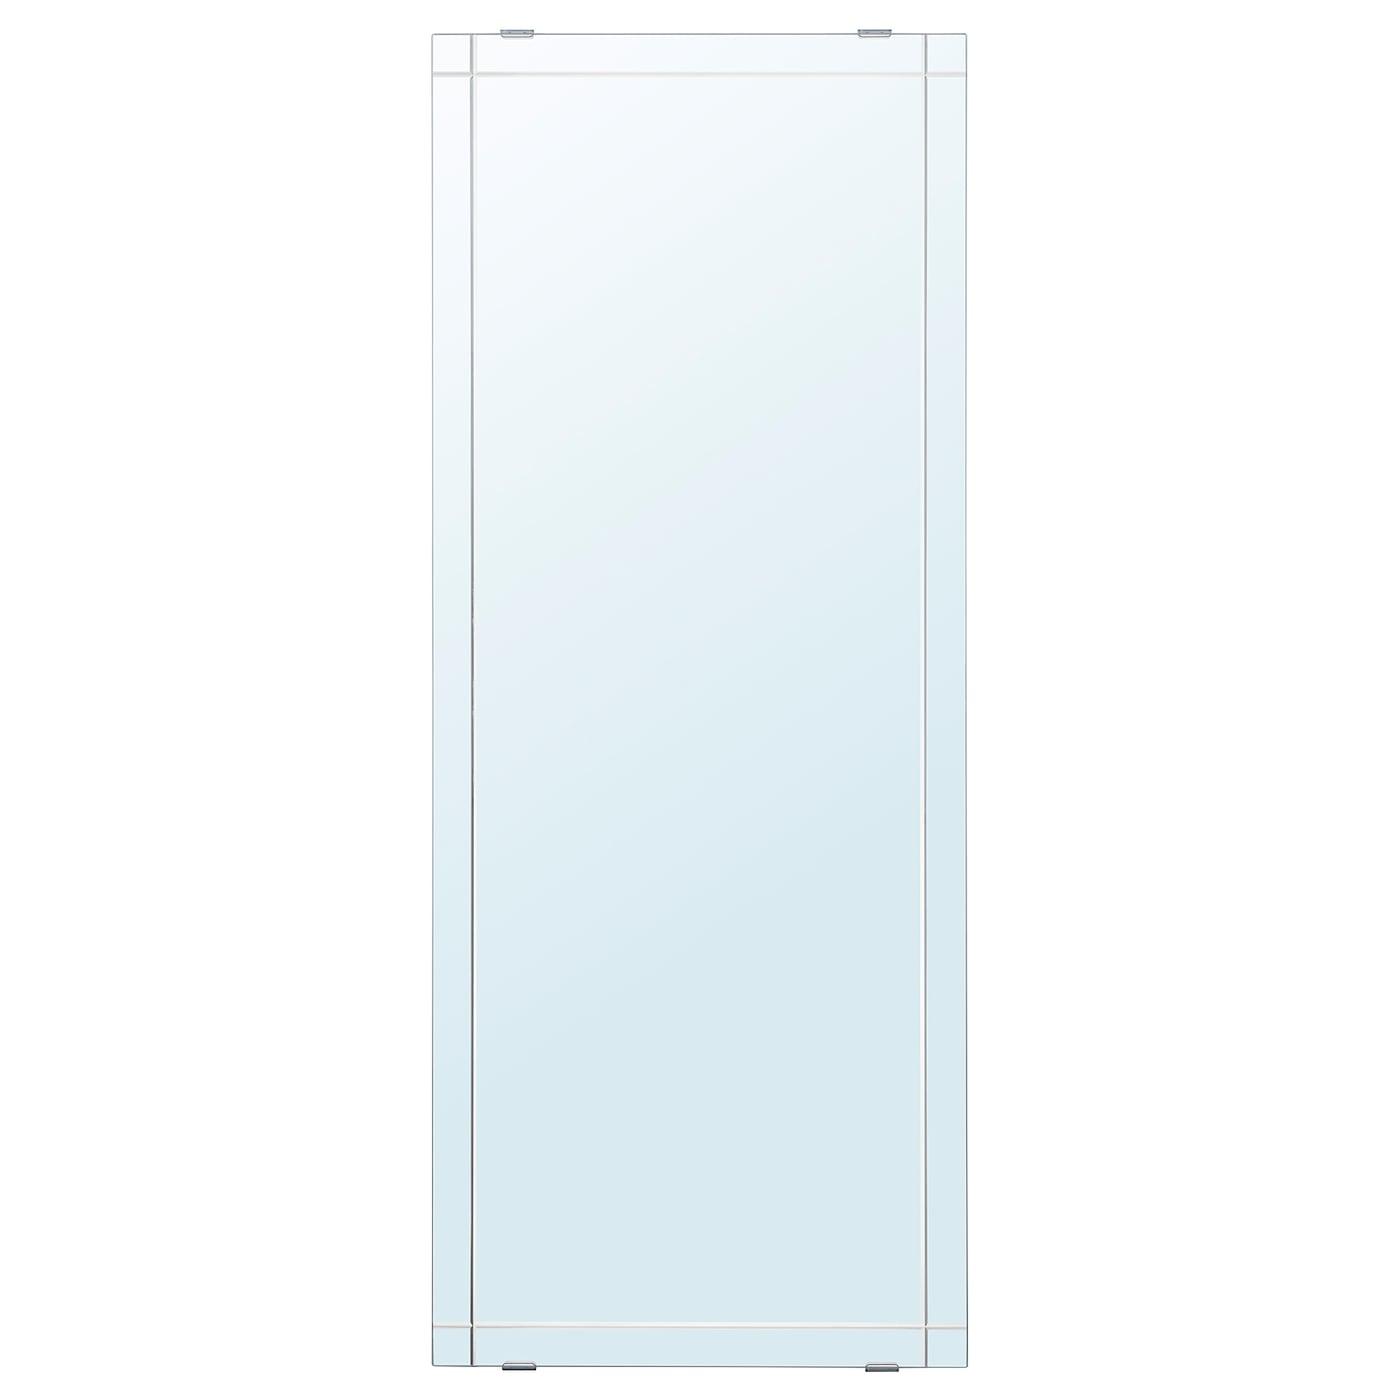 Espejos de ba o muebles y accesorios de ba o compra - Espejo cuerpo entero ikea ...